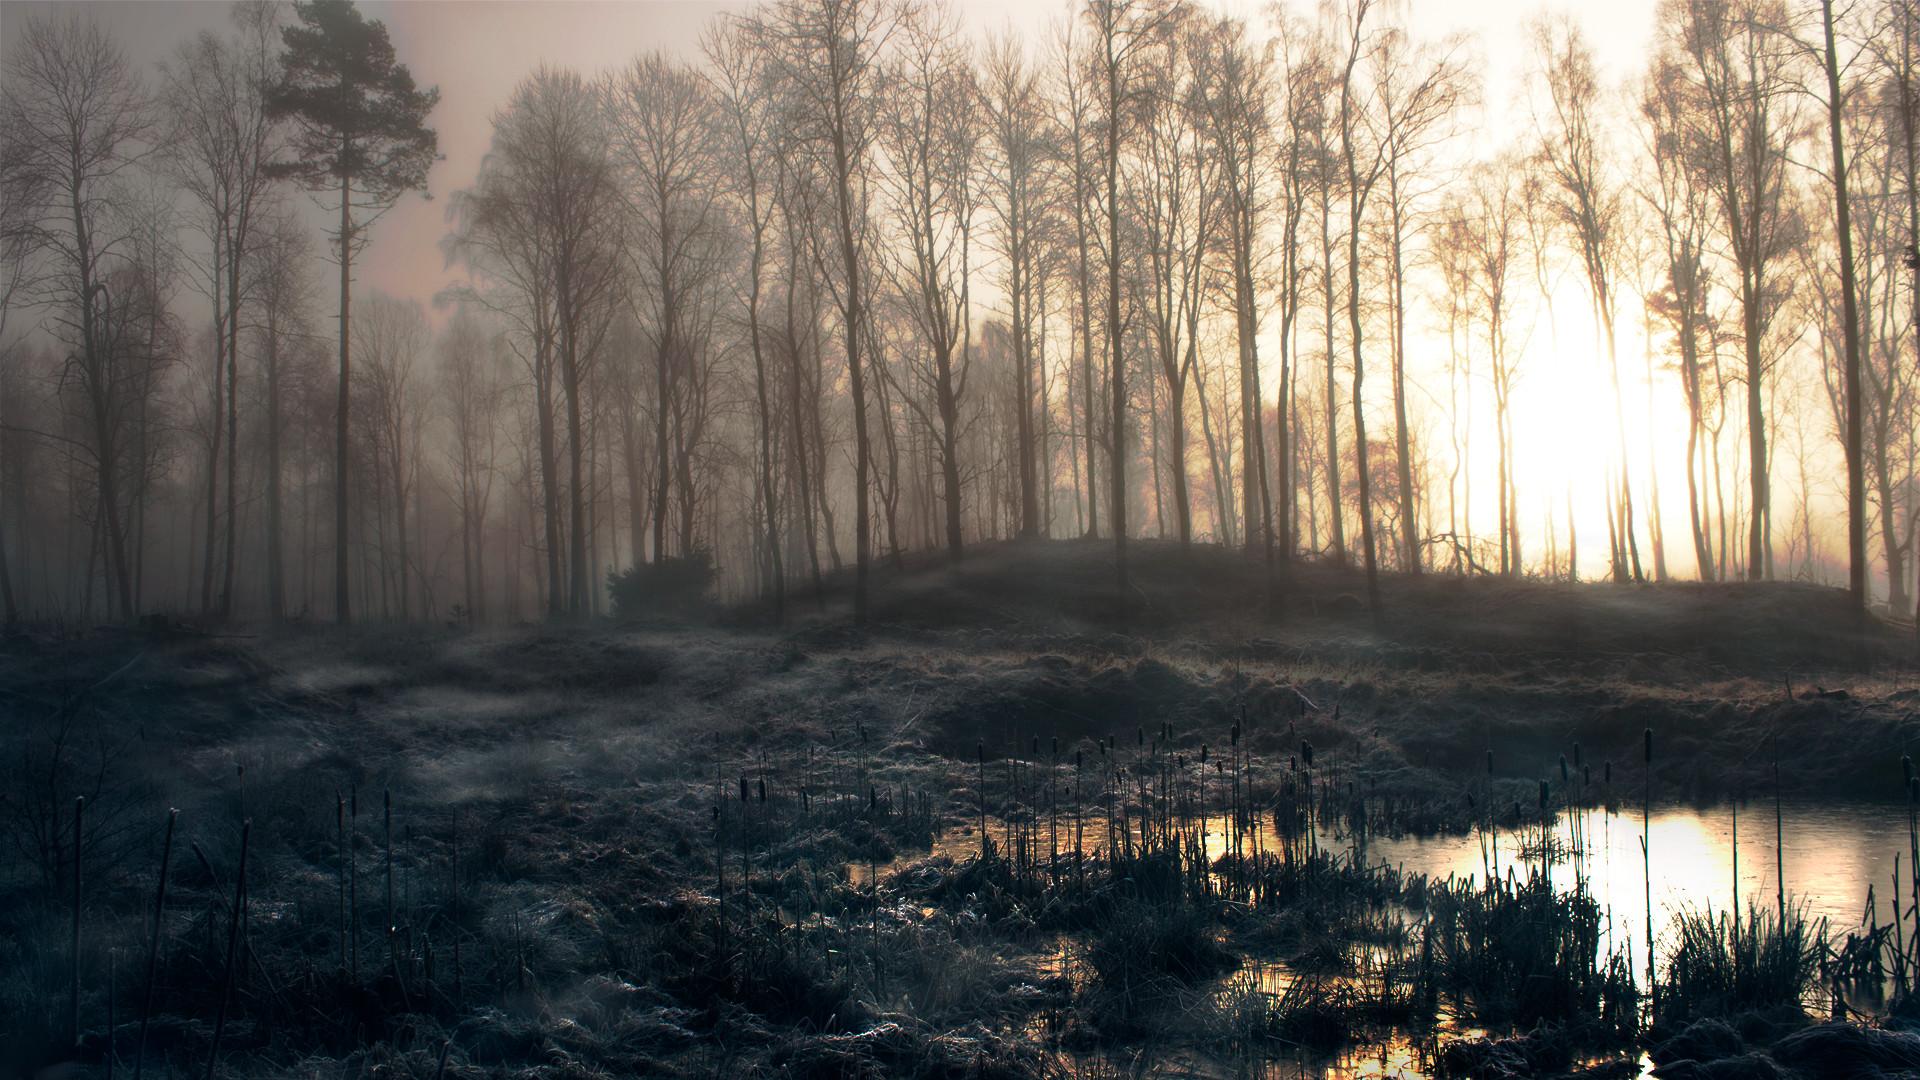 Forests Mist Slender Man Trees